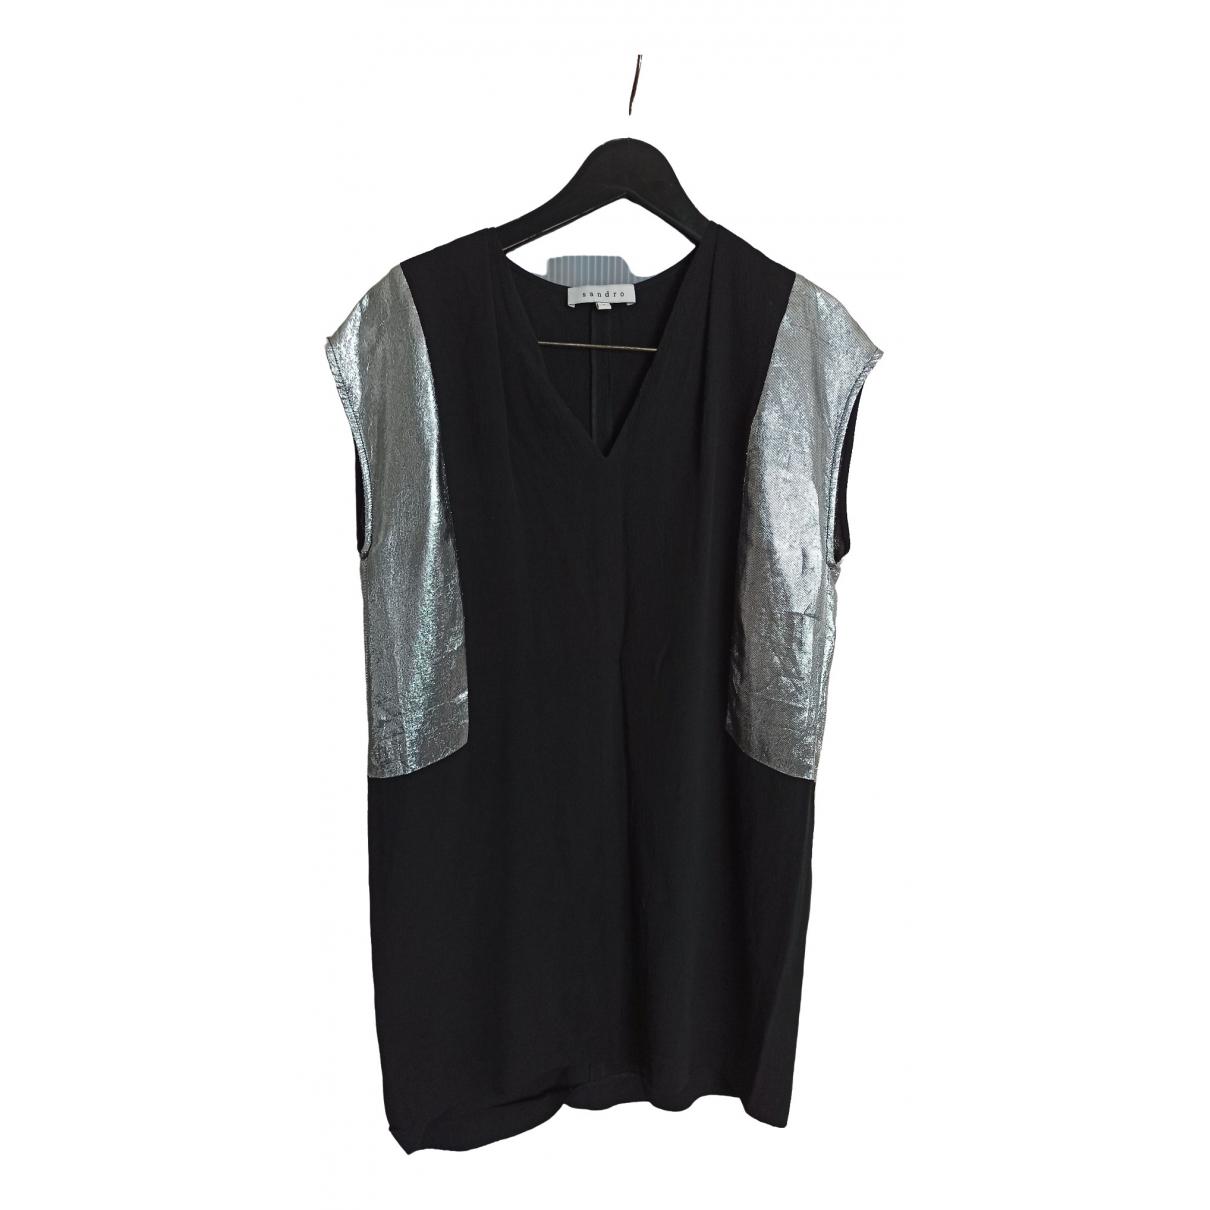 Sandro \N Black dress for Women 2 0-5